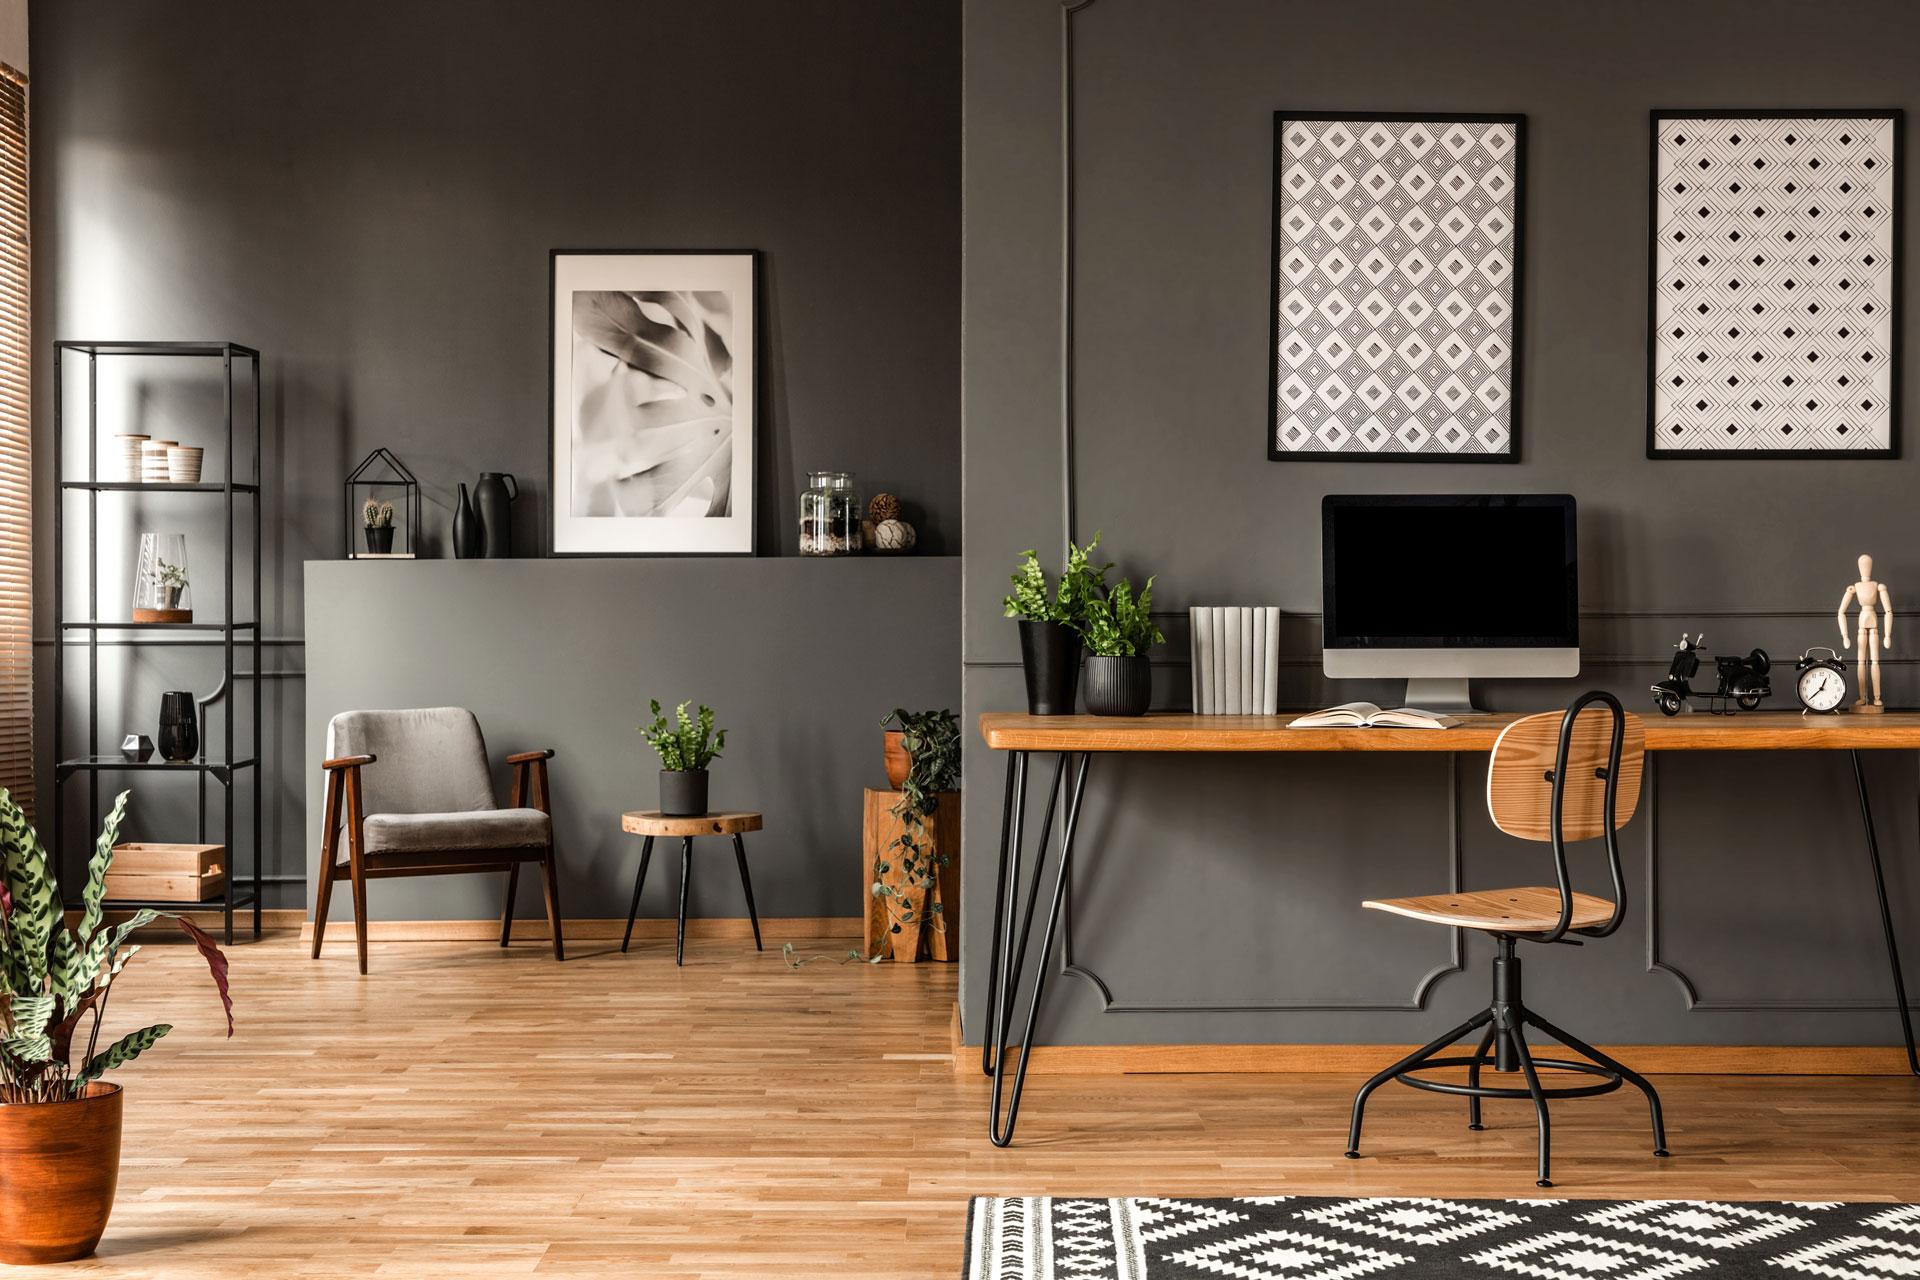 Daheim arbeiten: So richten Sie das Home-Office ein!